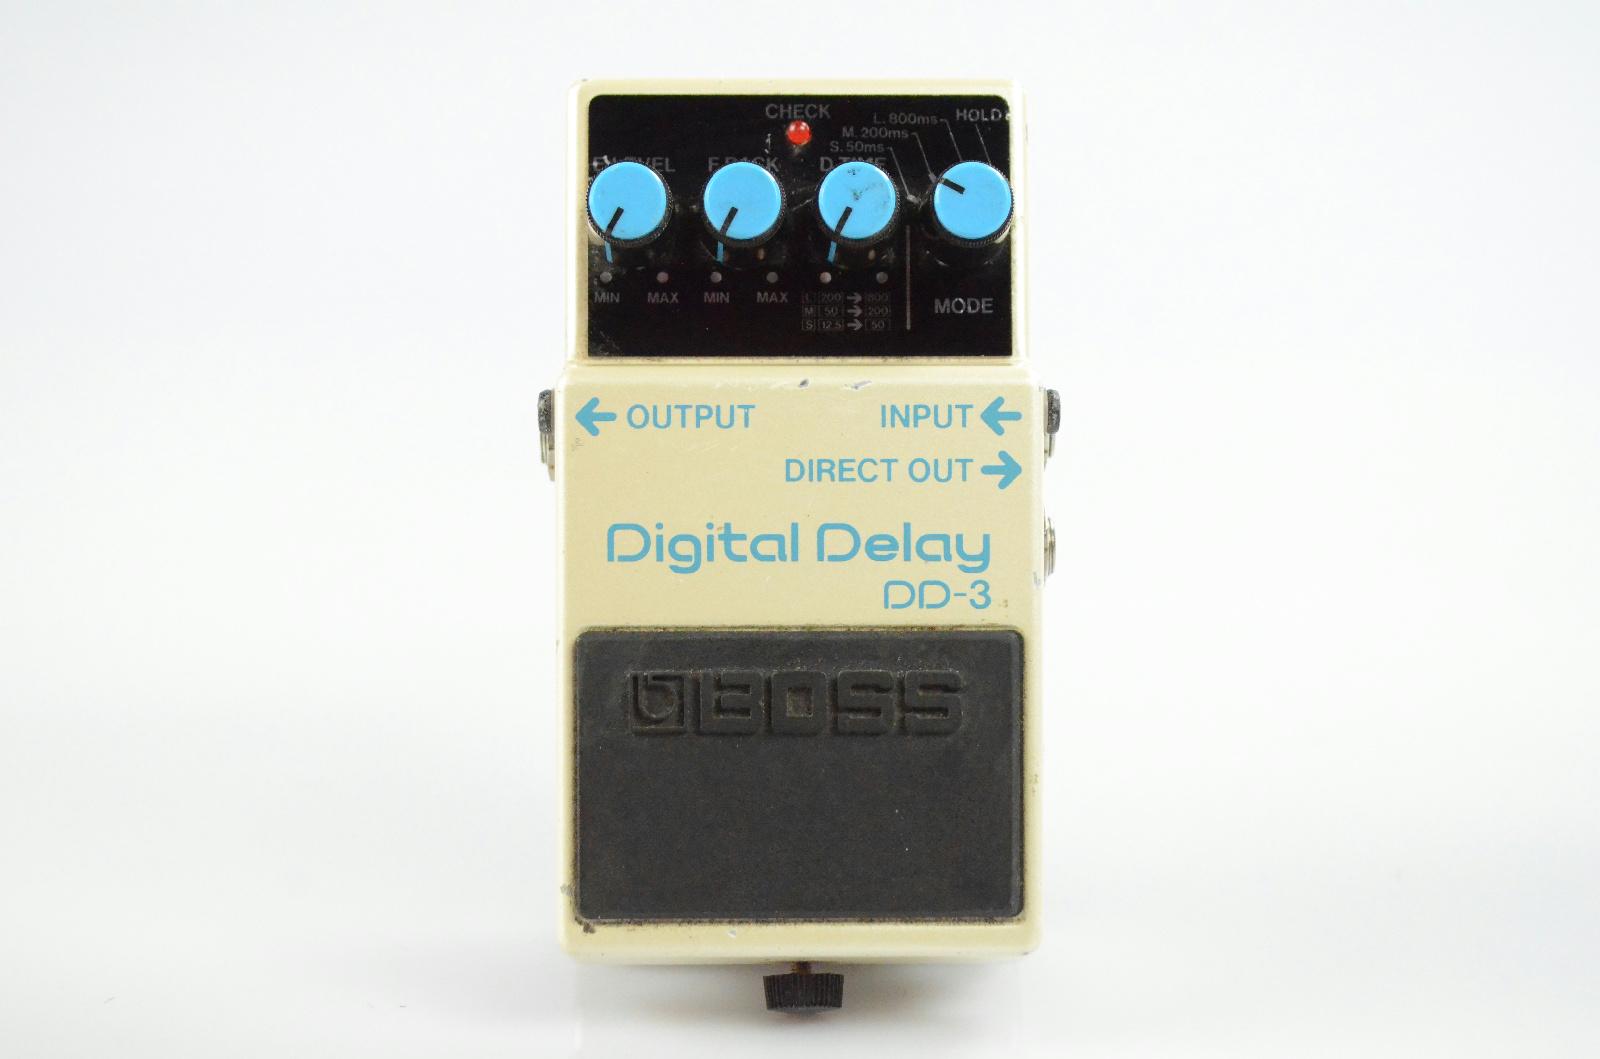 Boss DD-3 DD3 Digital Delay Echo Effect Pedal Owned by Papa Roach #33365